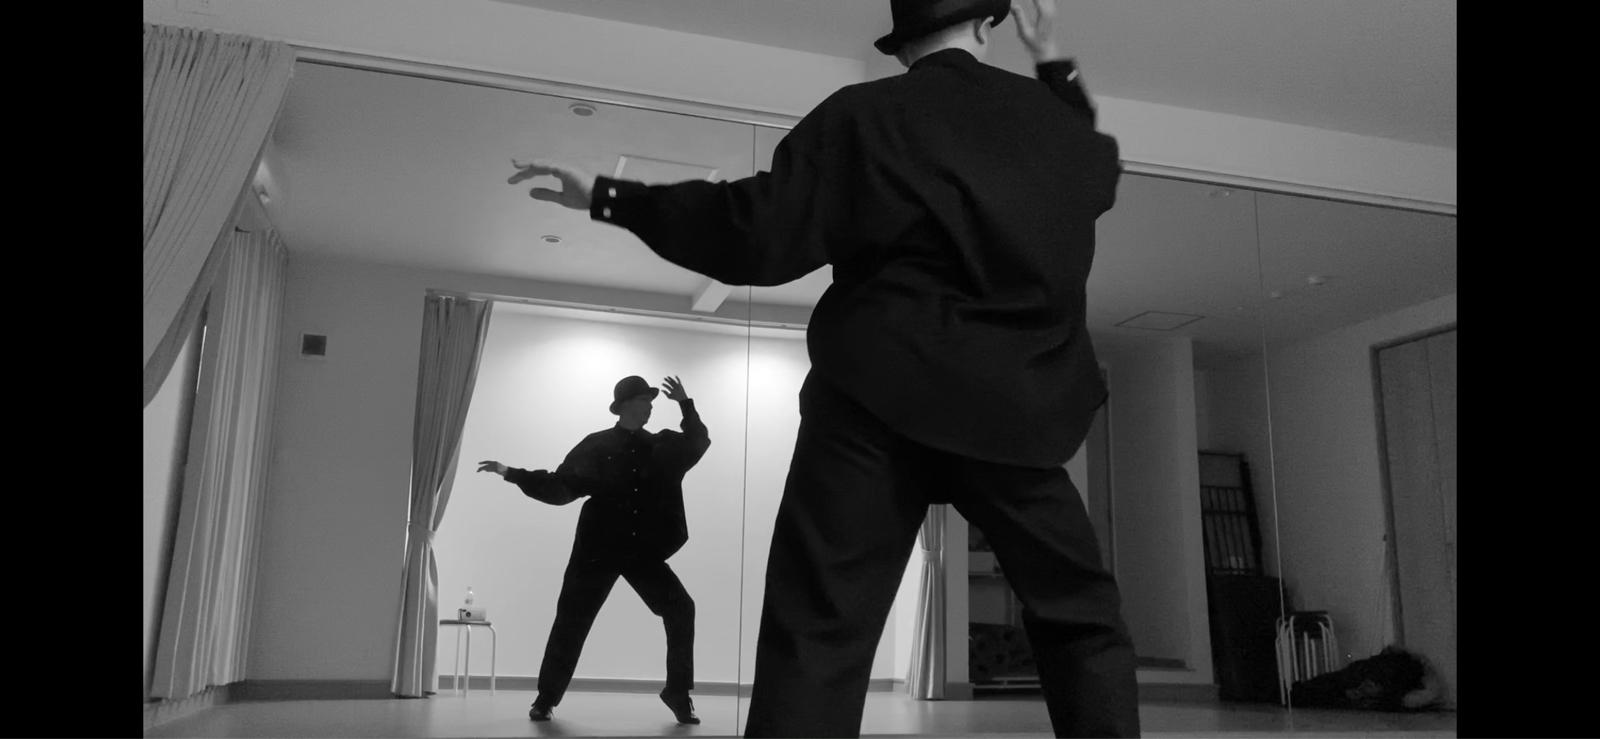 2020年2月のジャズダンスは_a0052916_18464685.jpg